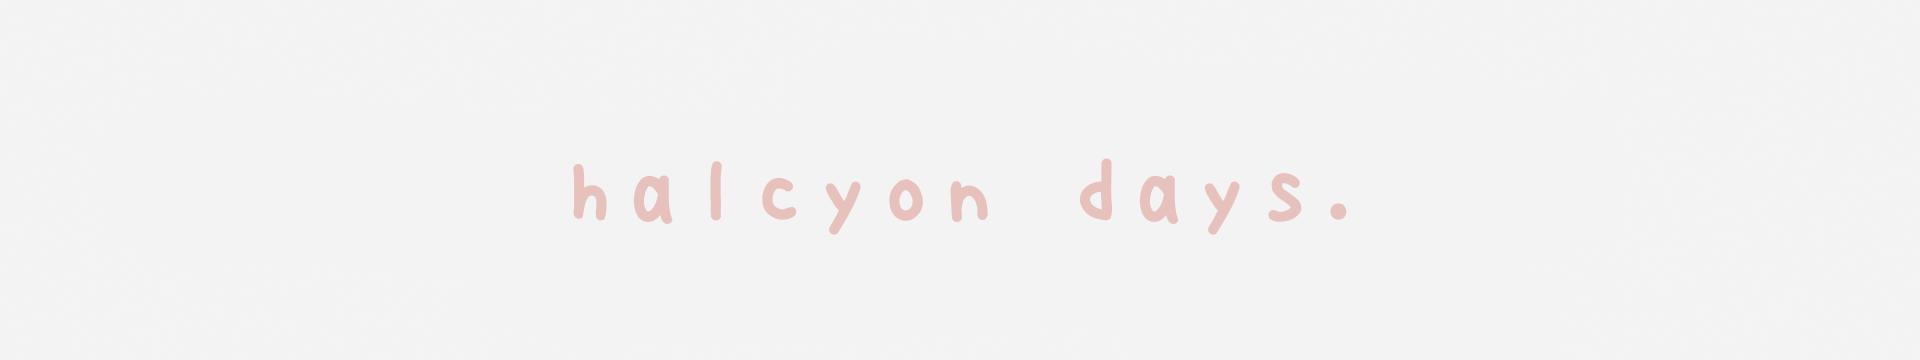 halcyon days: a love story